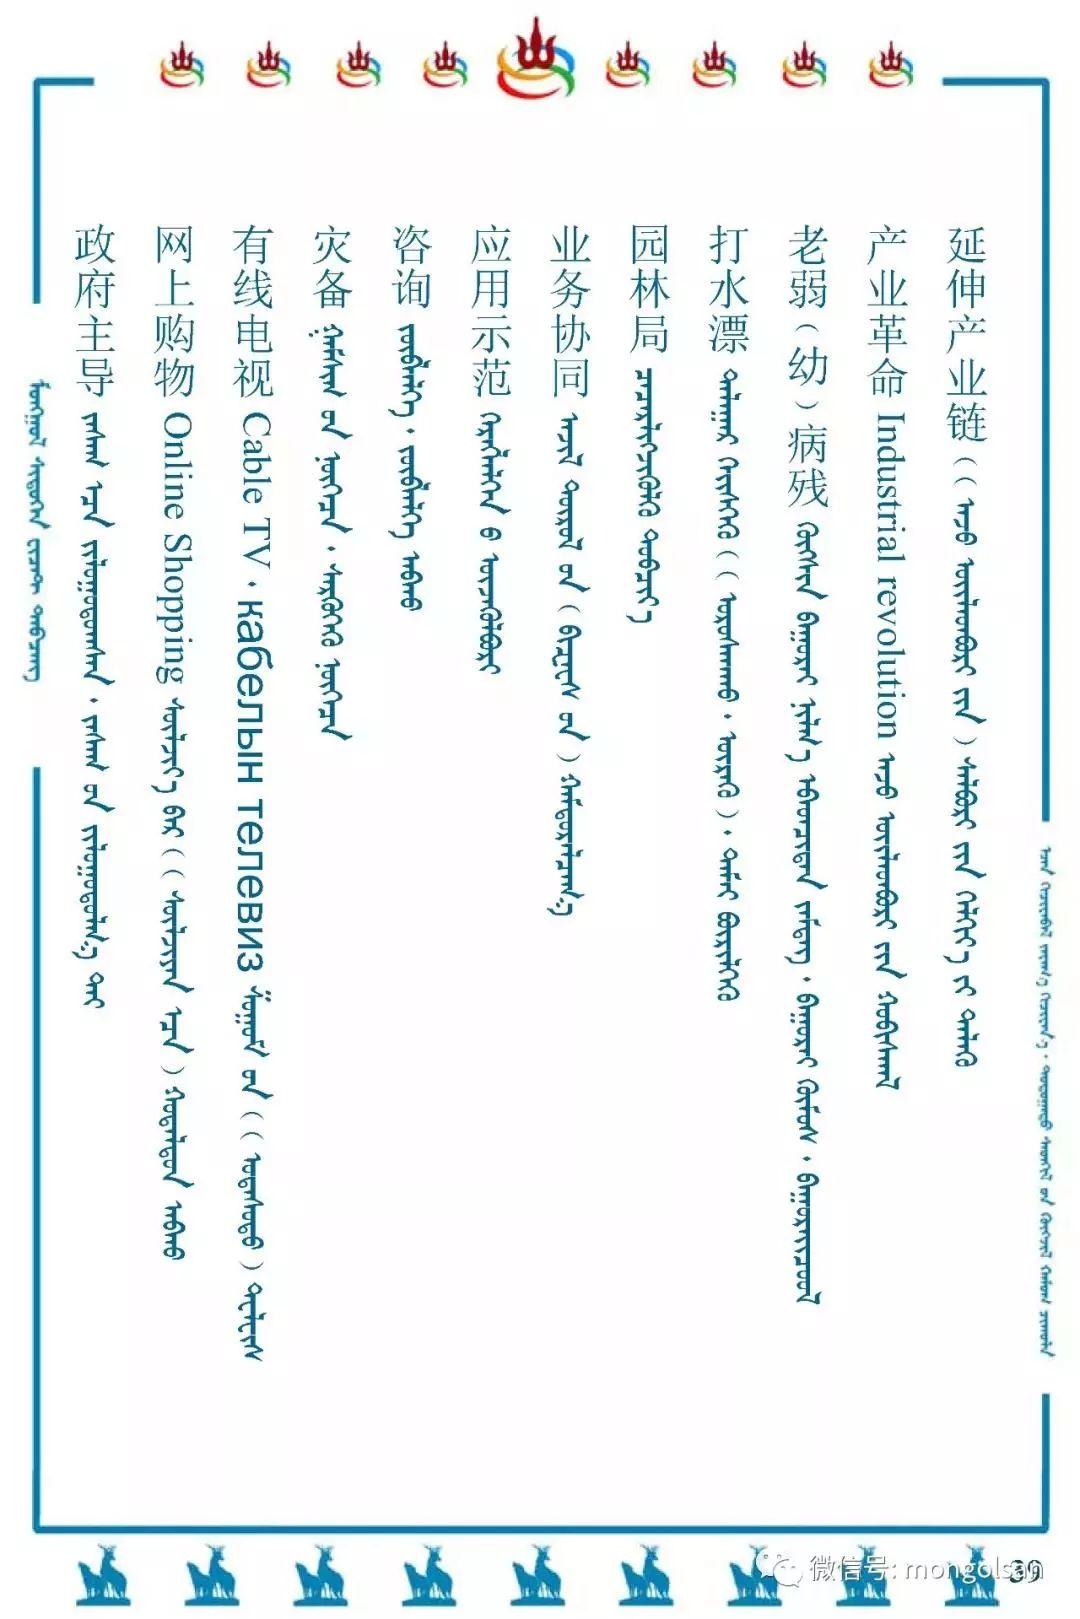 最新名词蒙古语翻译参考 第39张